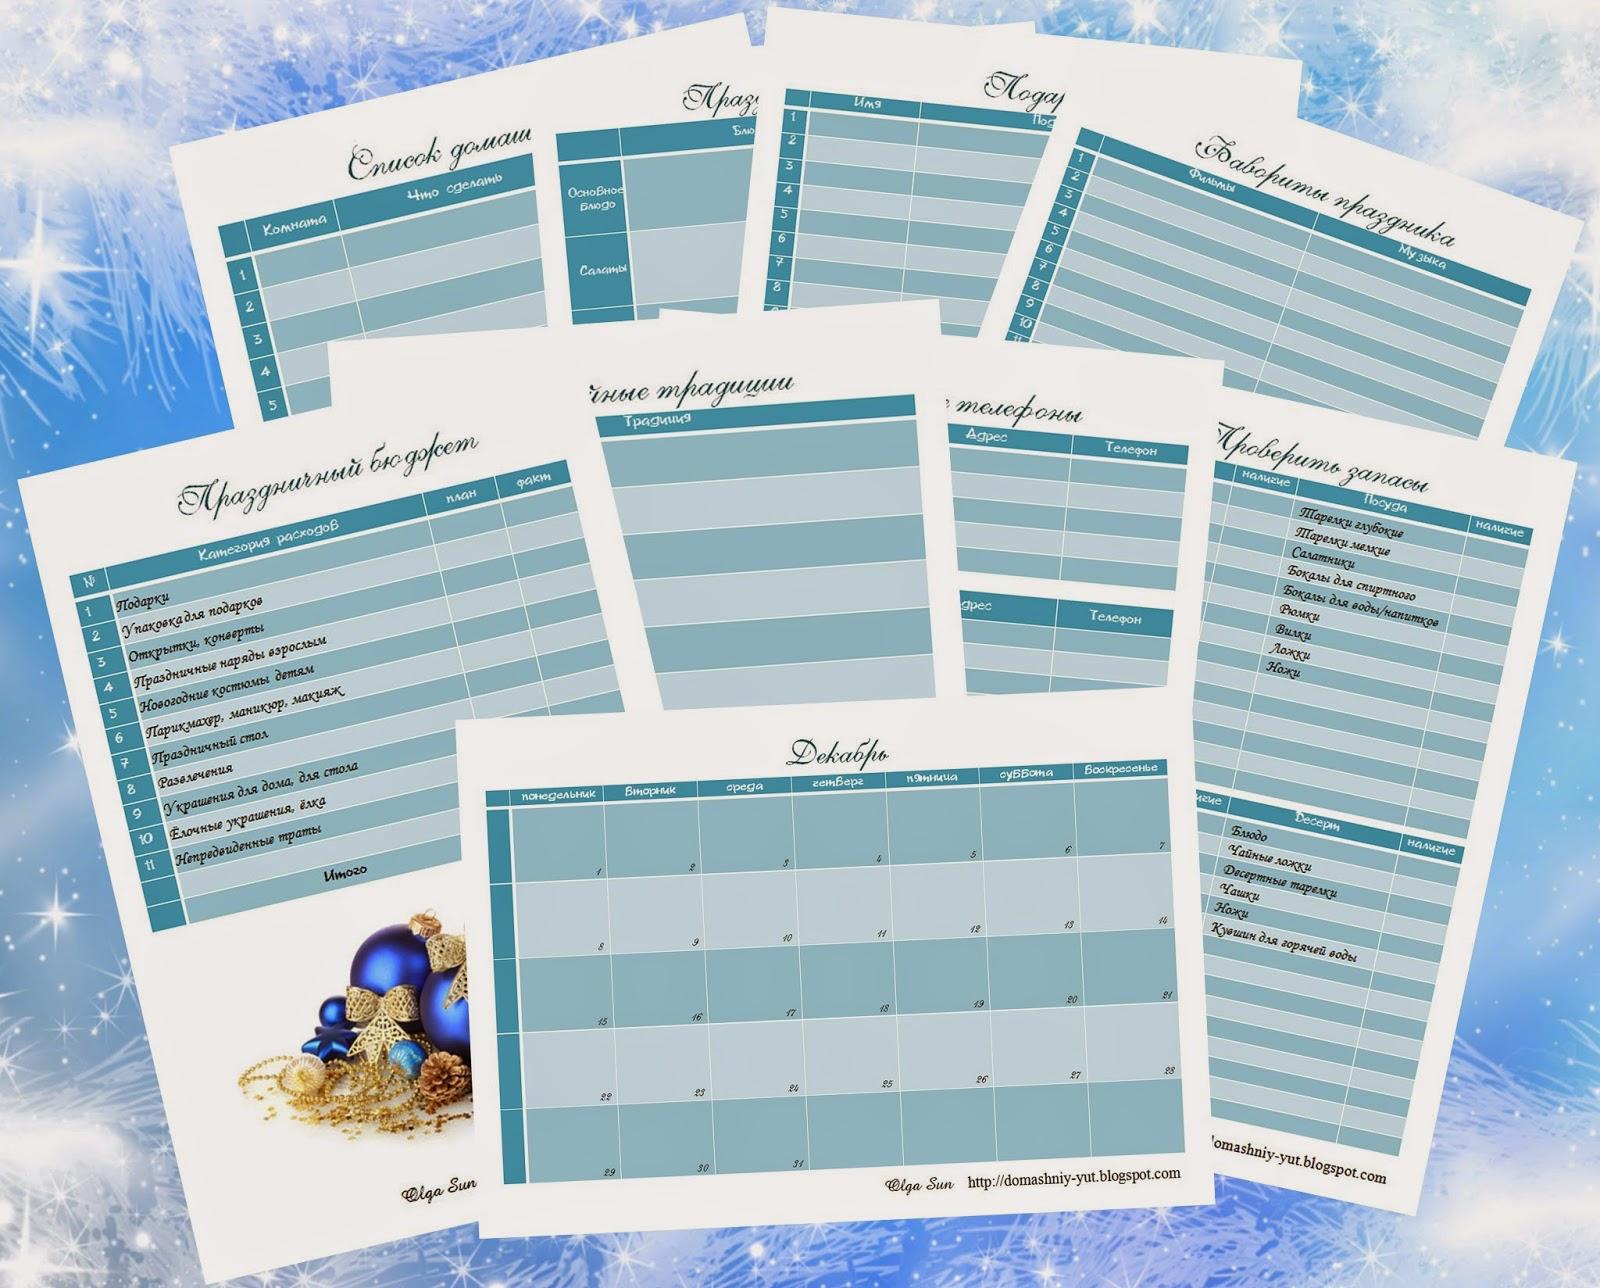 Домашний уют Новогодний контрольный журнал Для того чтобы получить Новогодний контрольный журнал заполните соответствующие поля и получите шаблоны на свой почтовый ящик